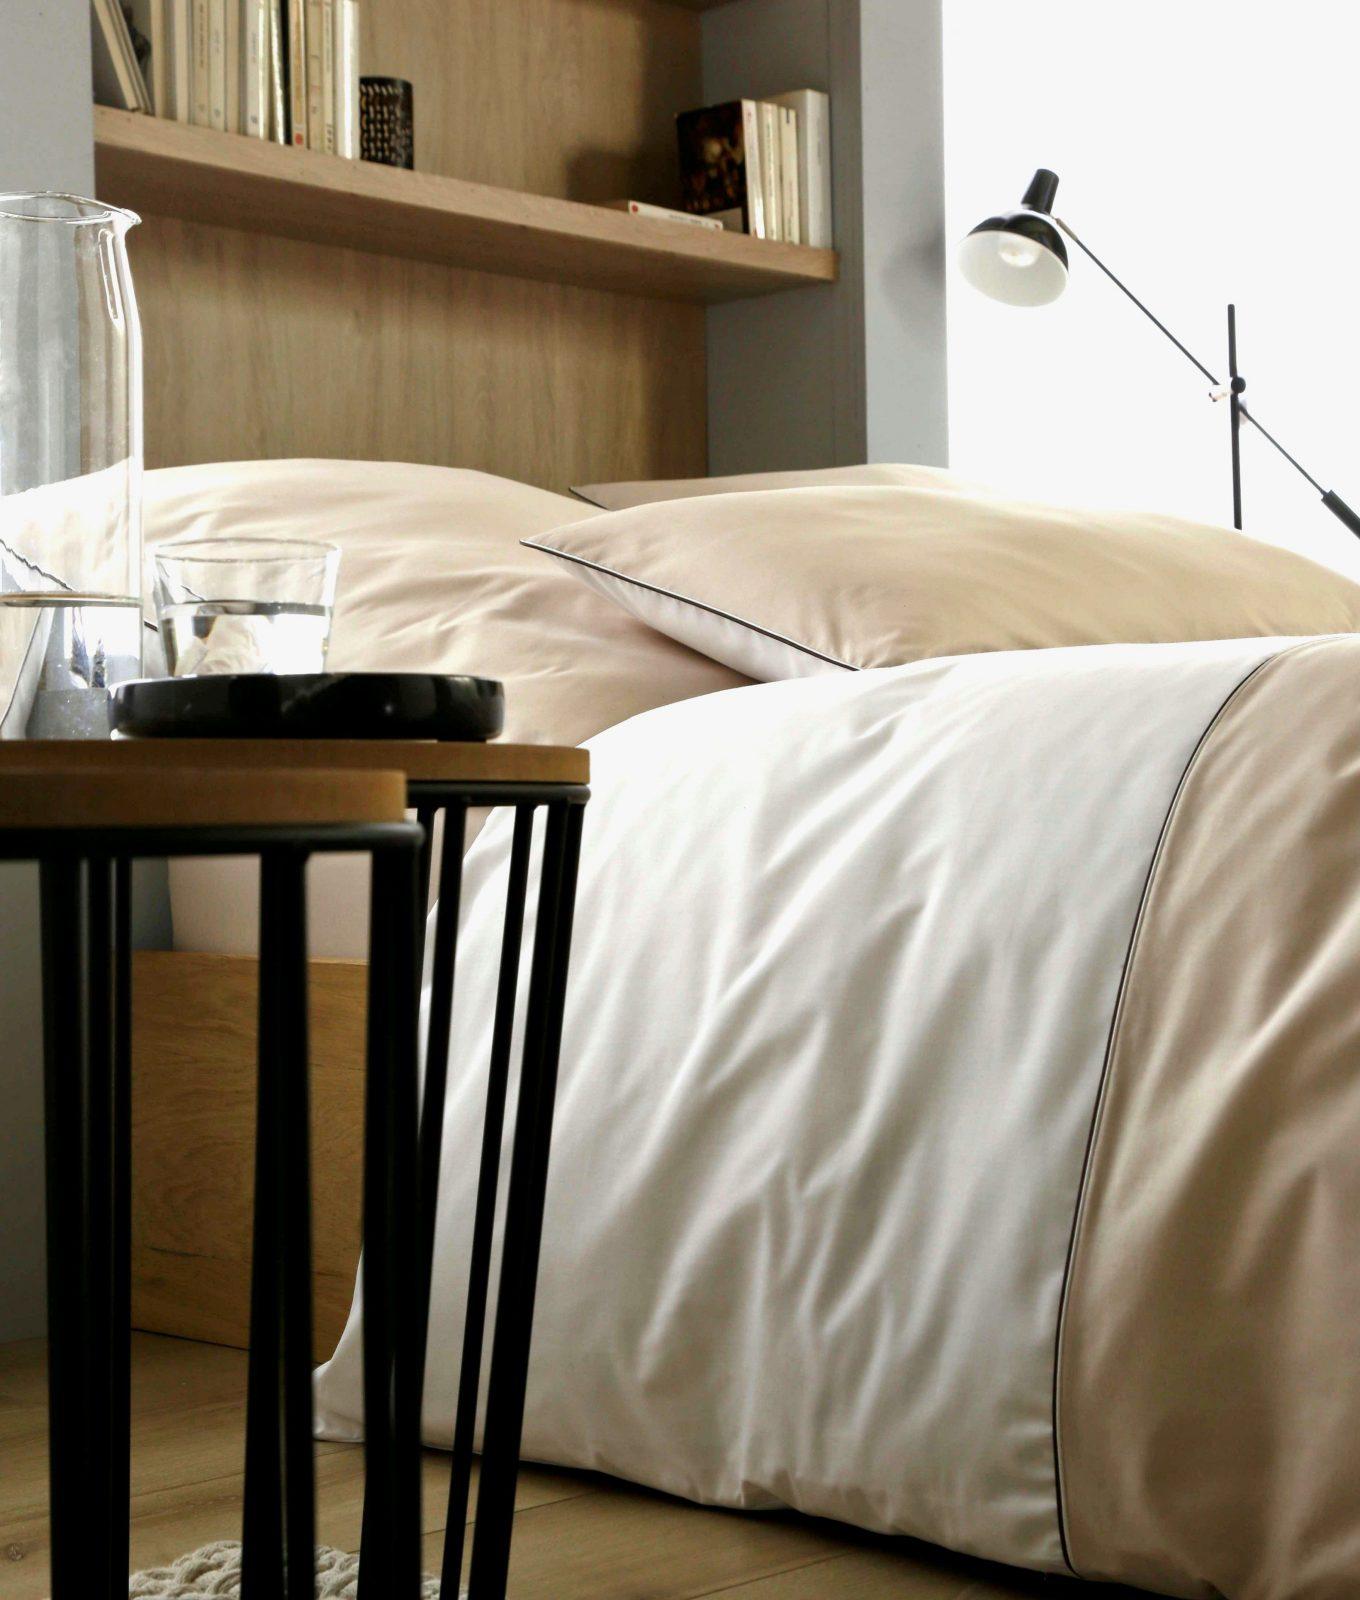 Atemberaubend Aldi Nord Bettwäsche Haus Mobel Bettwasche Fleece von Aldi Nord Bettwäsche Bild